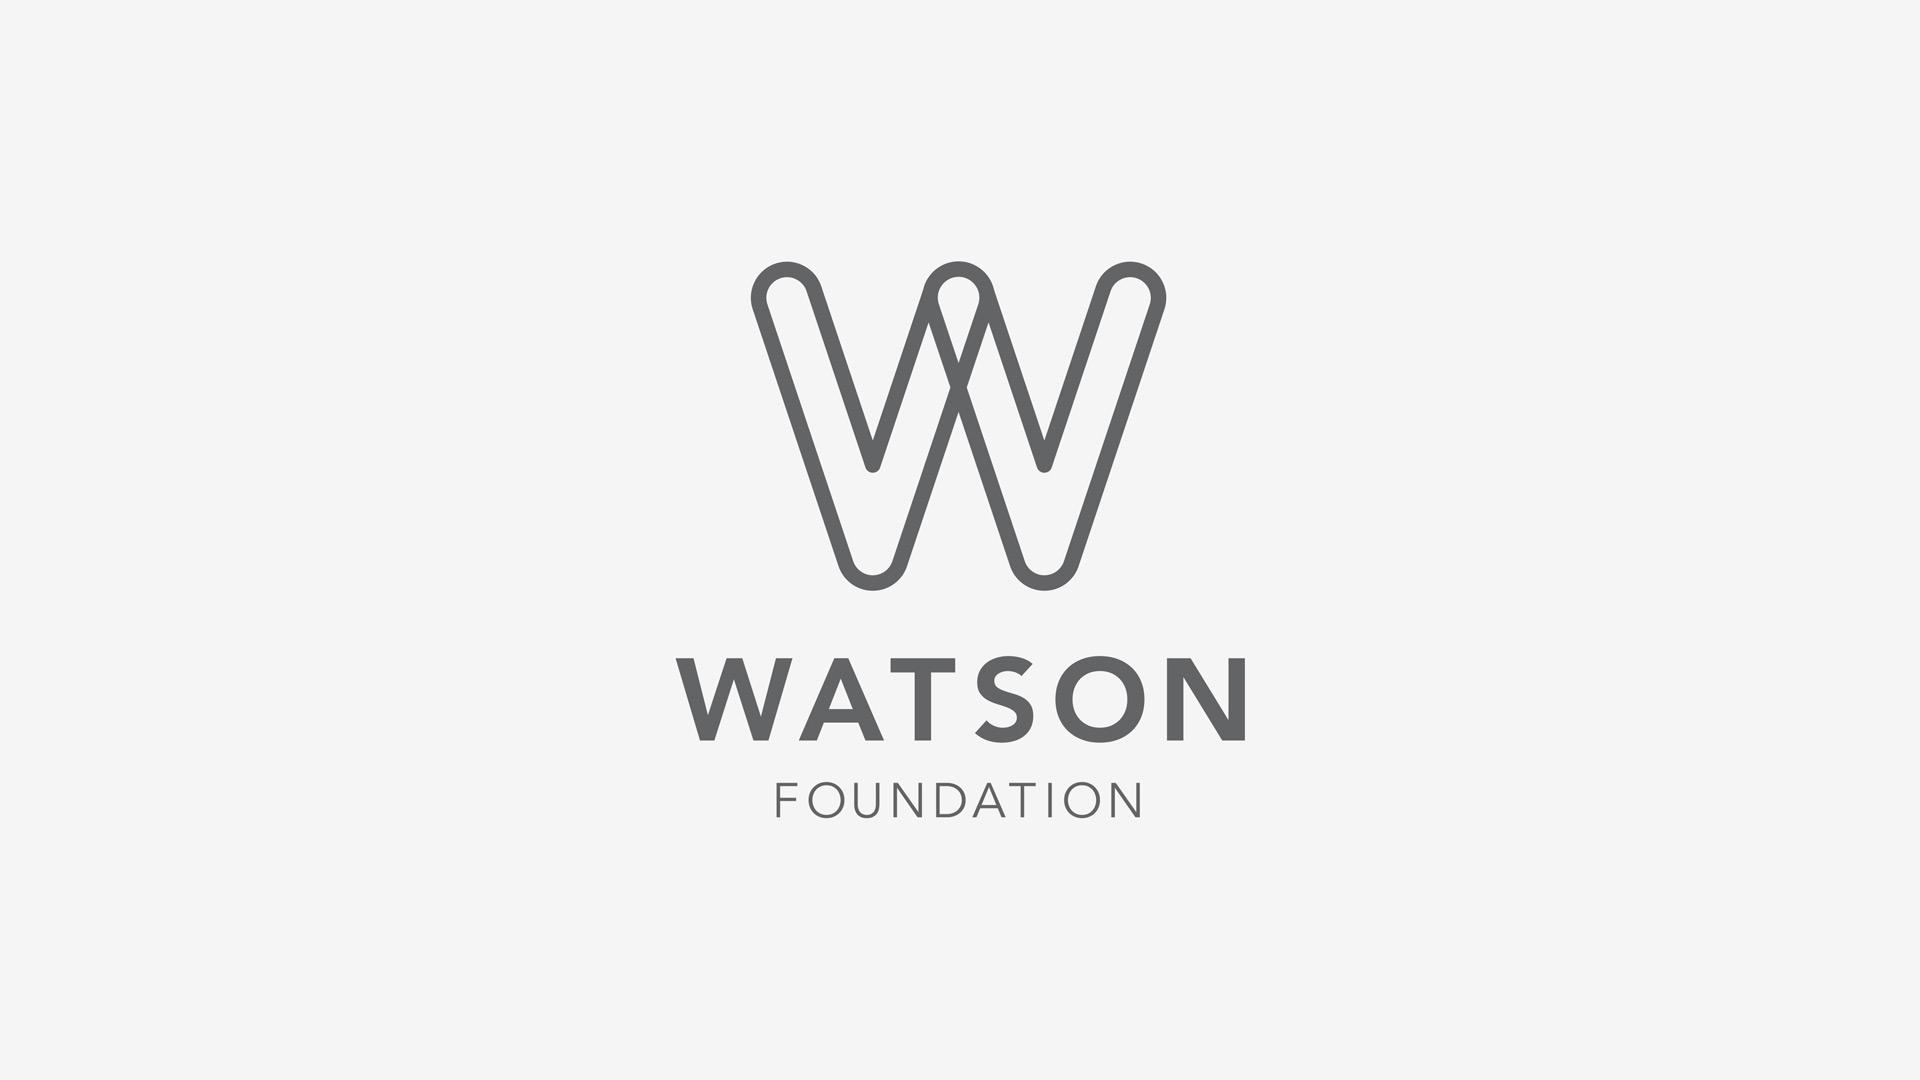 Watson Foundation - Wikipedia